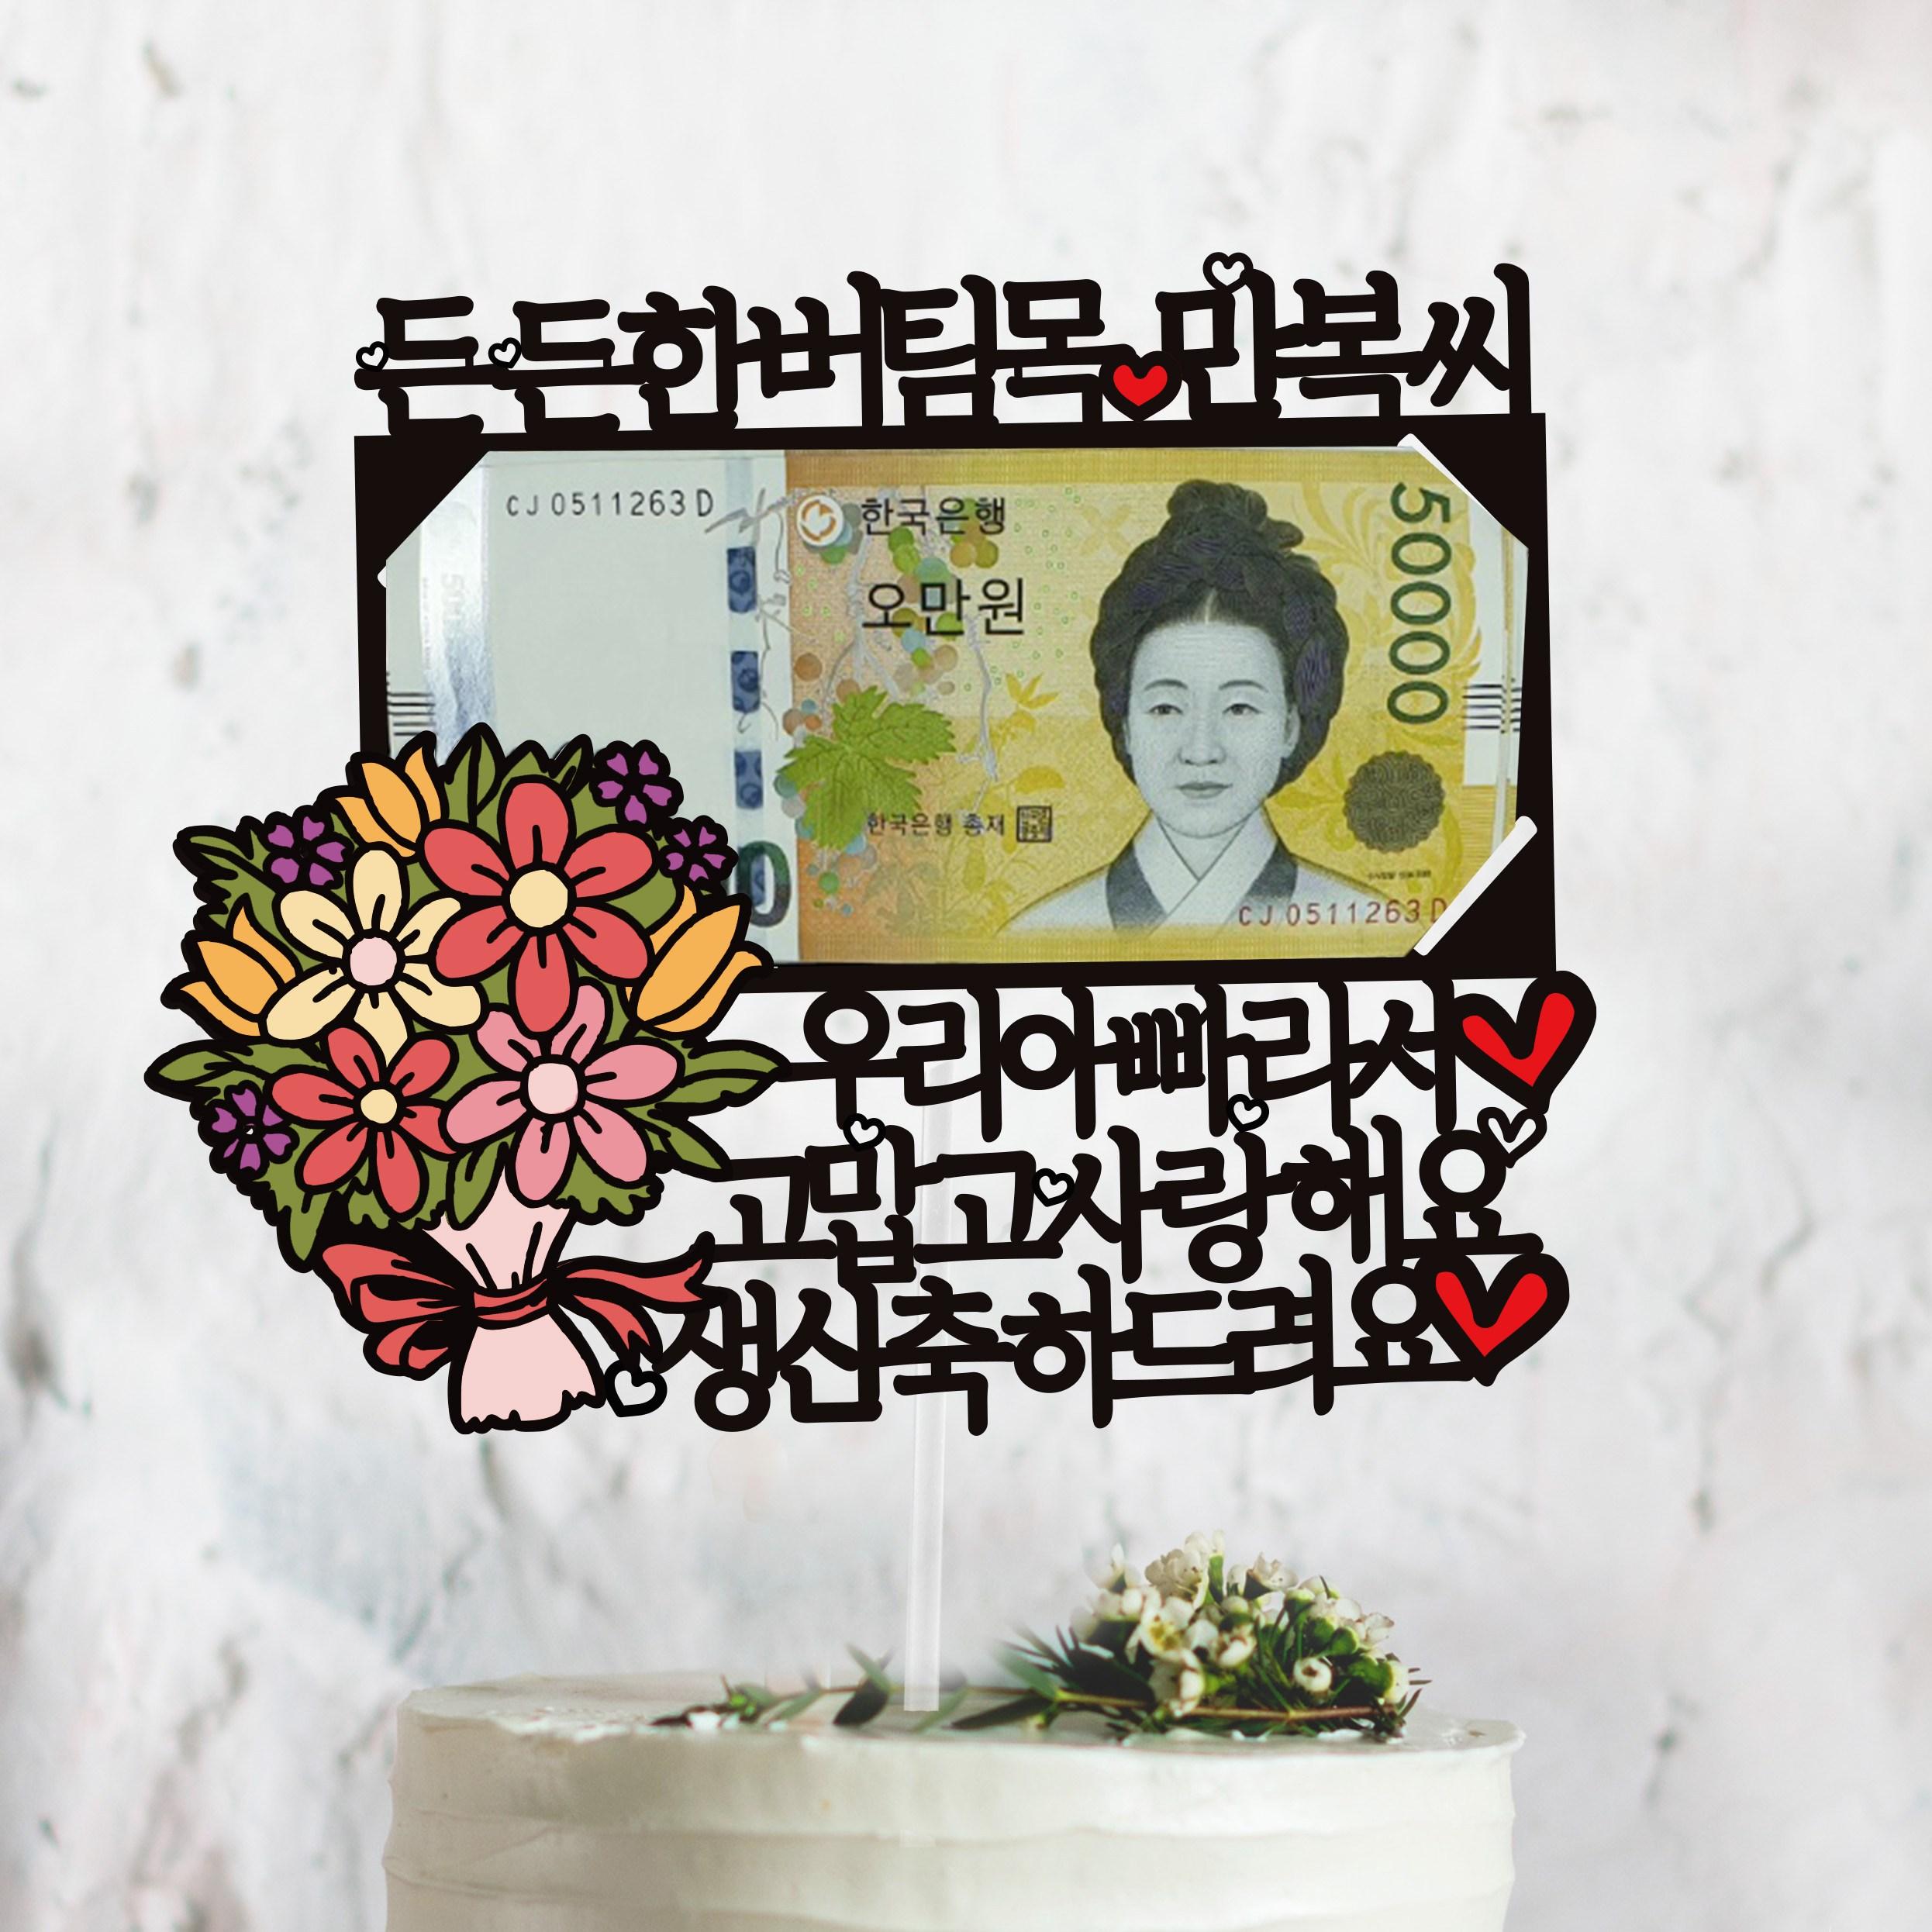 써봄토퍼 꽃다발 용돈토퍼[엄마.아빠라서] 생신 환갑 생일 어버이날 케이크토퍼, 우리아빠라서